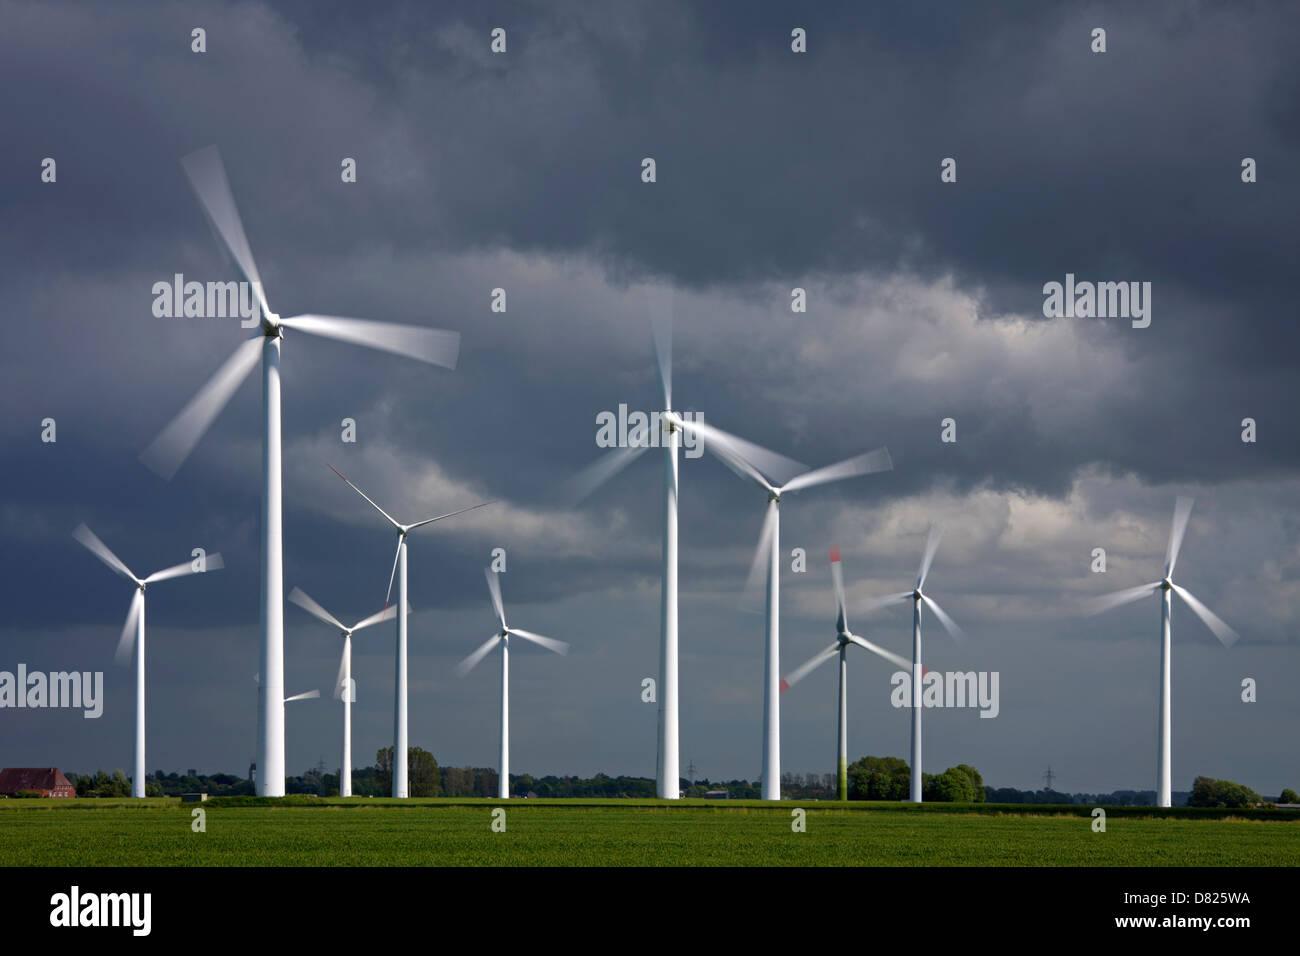 Bewegung verwischt Windkraftanlagen im Windpark, erneuerbare Energiequelle Stockbild